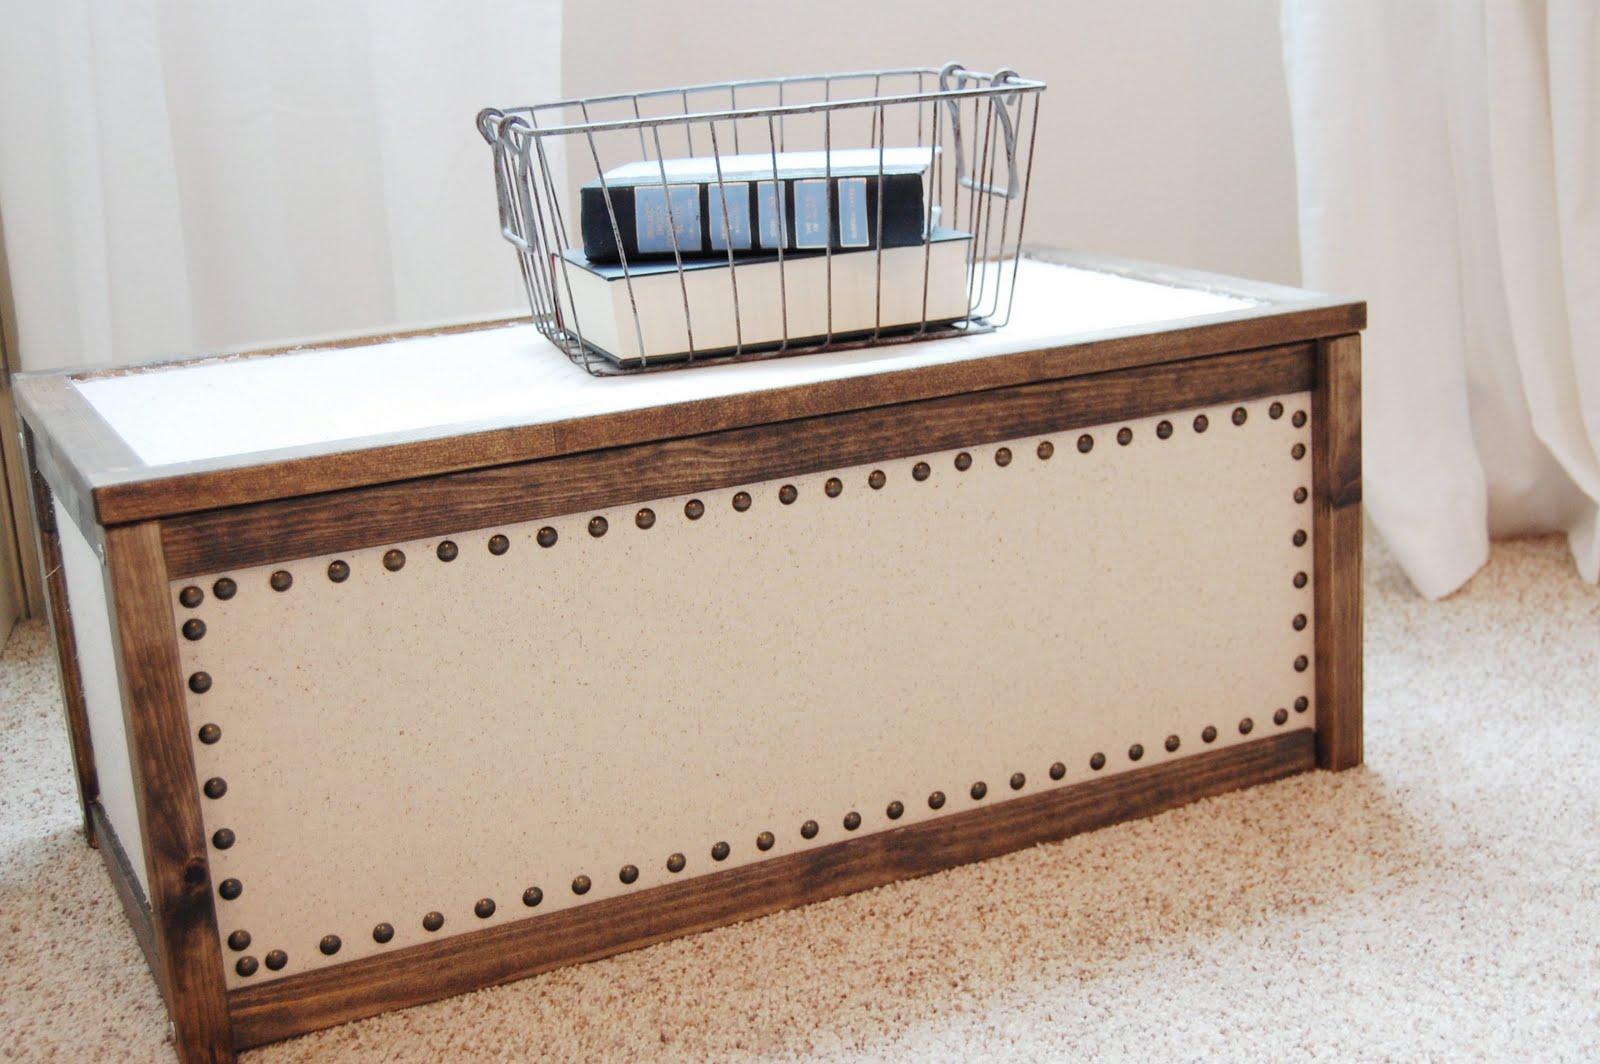 Opbergkasten Garage Ikea : Ikea toy storage box listitdallas